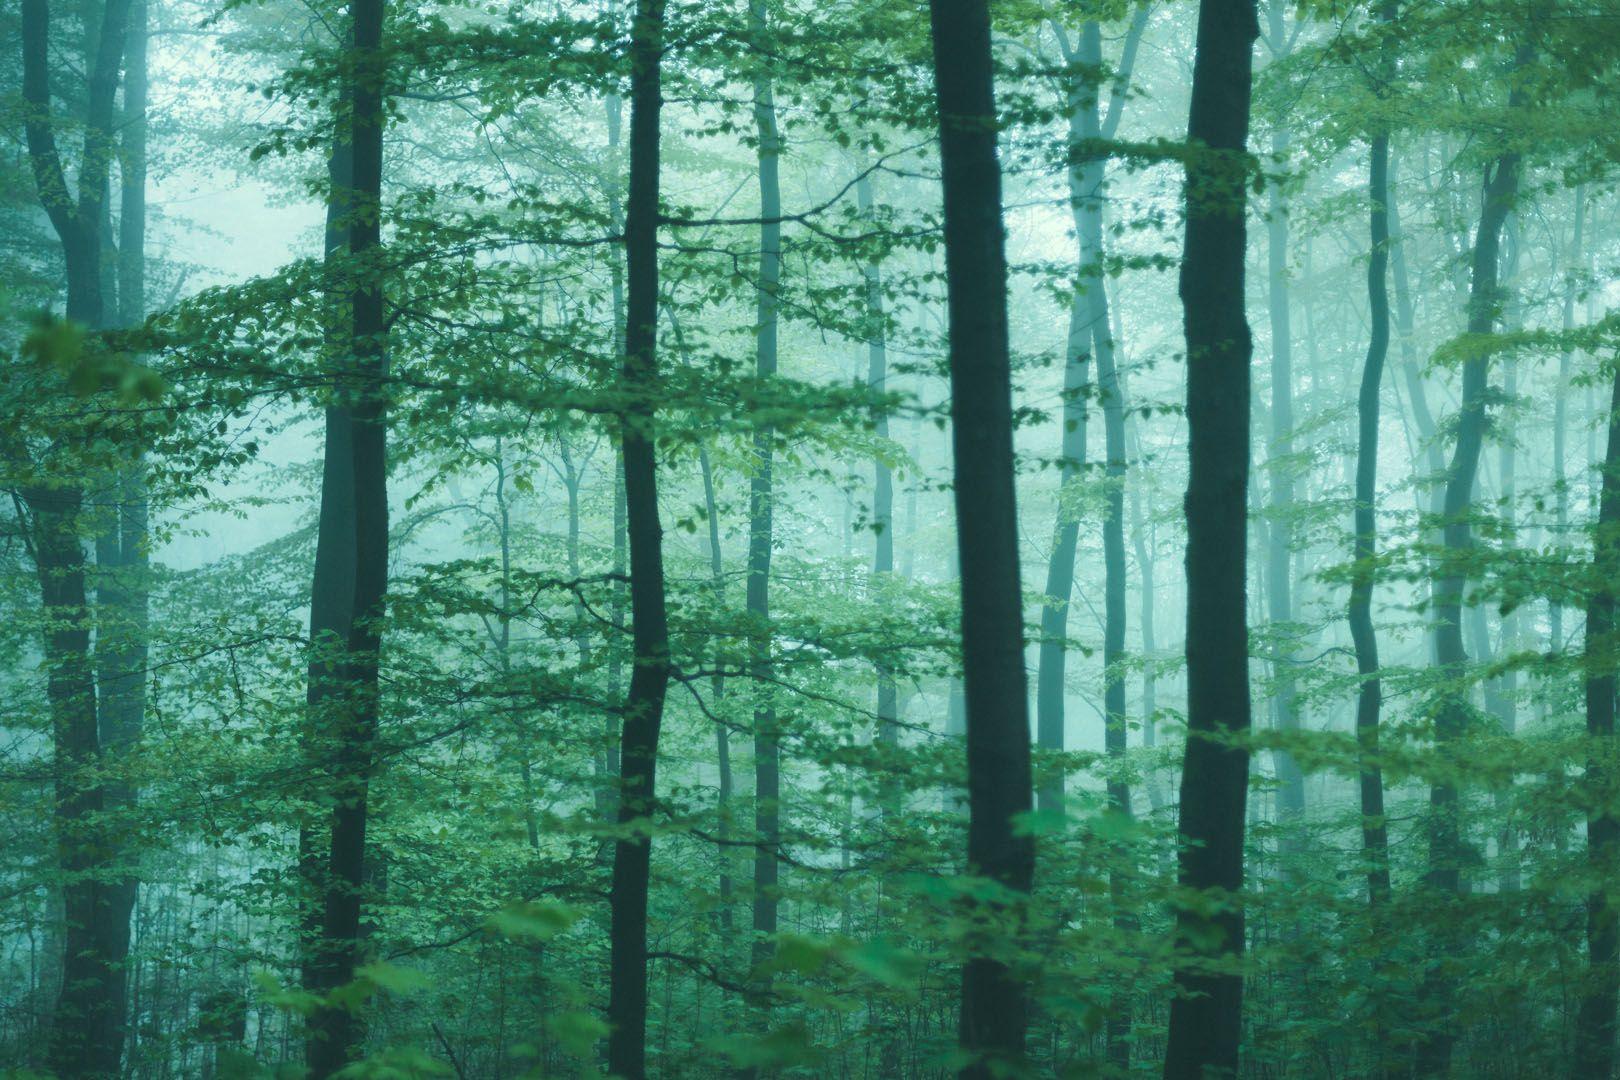 Wald und Wetter 04 – Bäume, Ebenen, Tiefe, Nebel. Die kurze Schärfe der Bilder zeigt auf einzelne Exemplare mit dem Finger. So sieht man Bäume vor lauter Wald. 2014, MD   © www.piqt.de   #PIQT